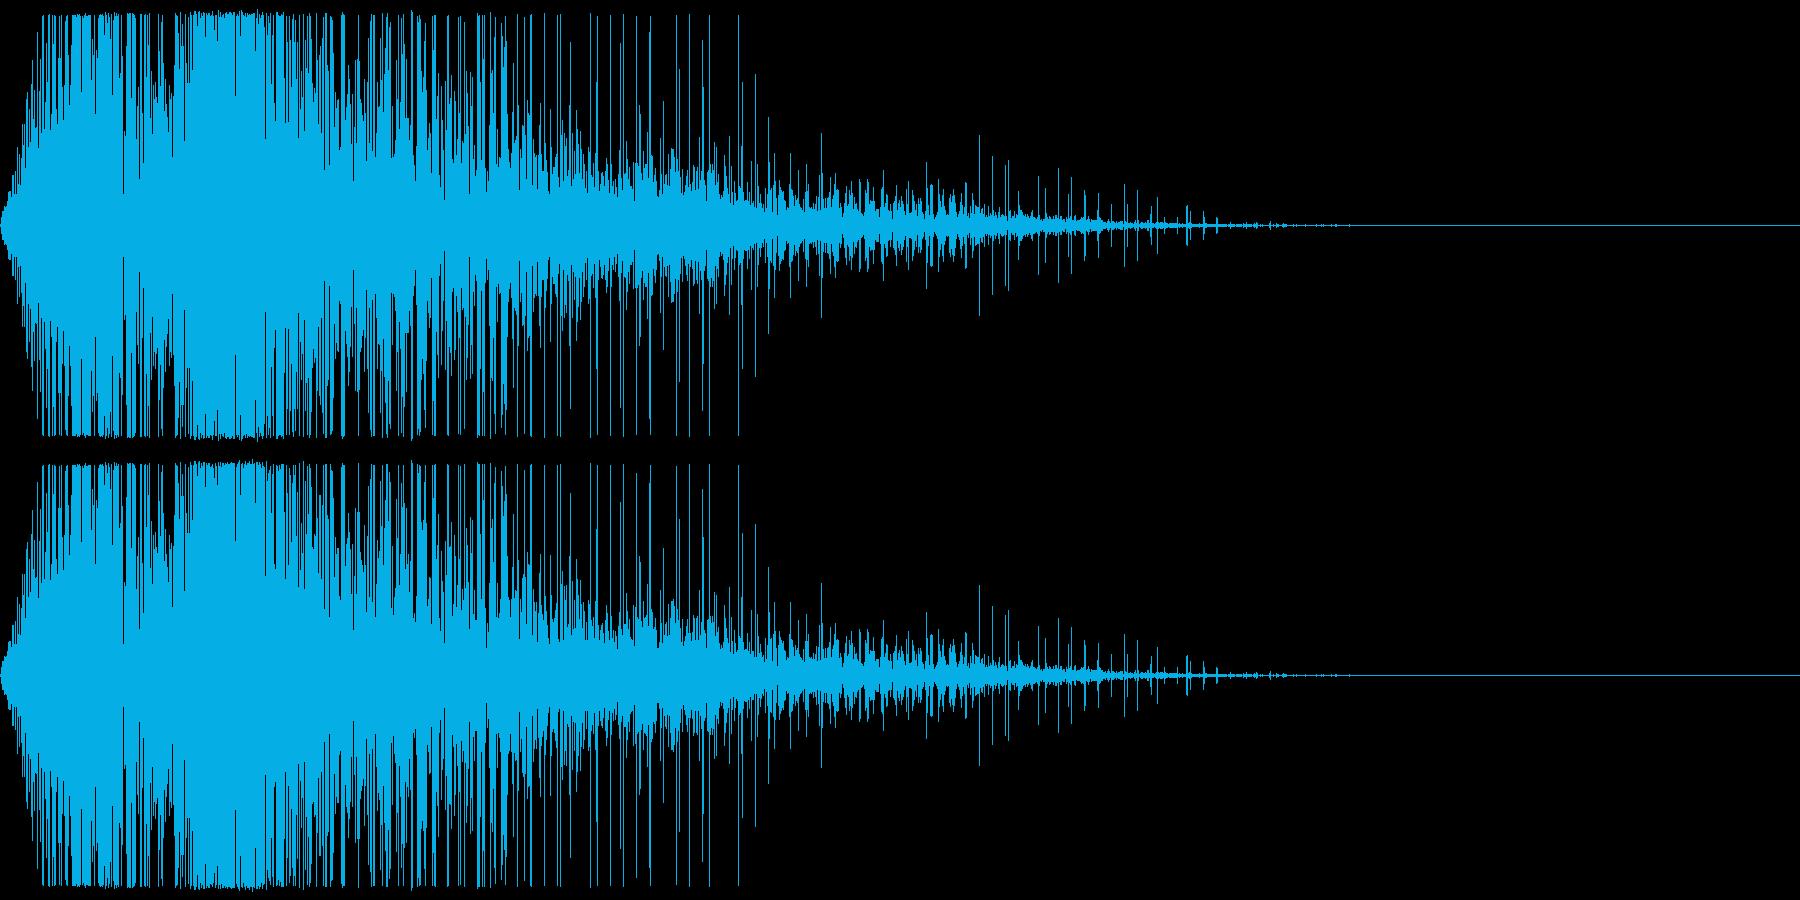 メカ、ロボットなどの挙動(関節の動きな…の再生済みの波形